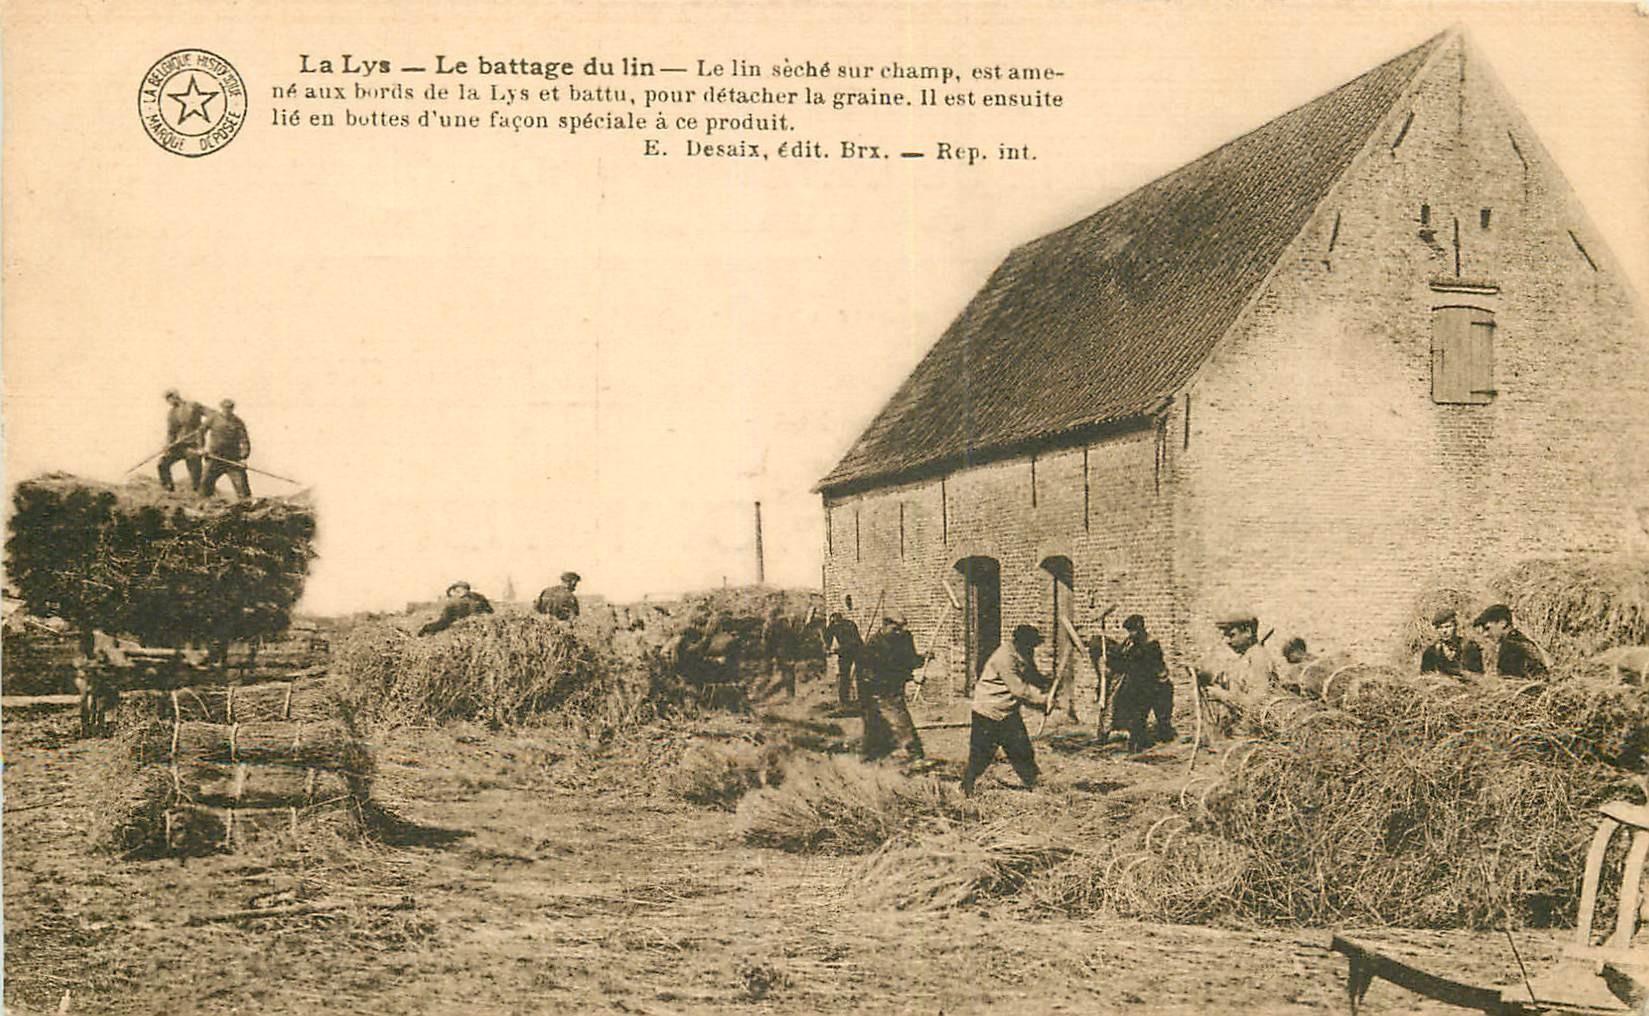 WW BELGIQUE. Le Battage du lin à La Lys. Carte d'Honneur à Jumet 1929